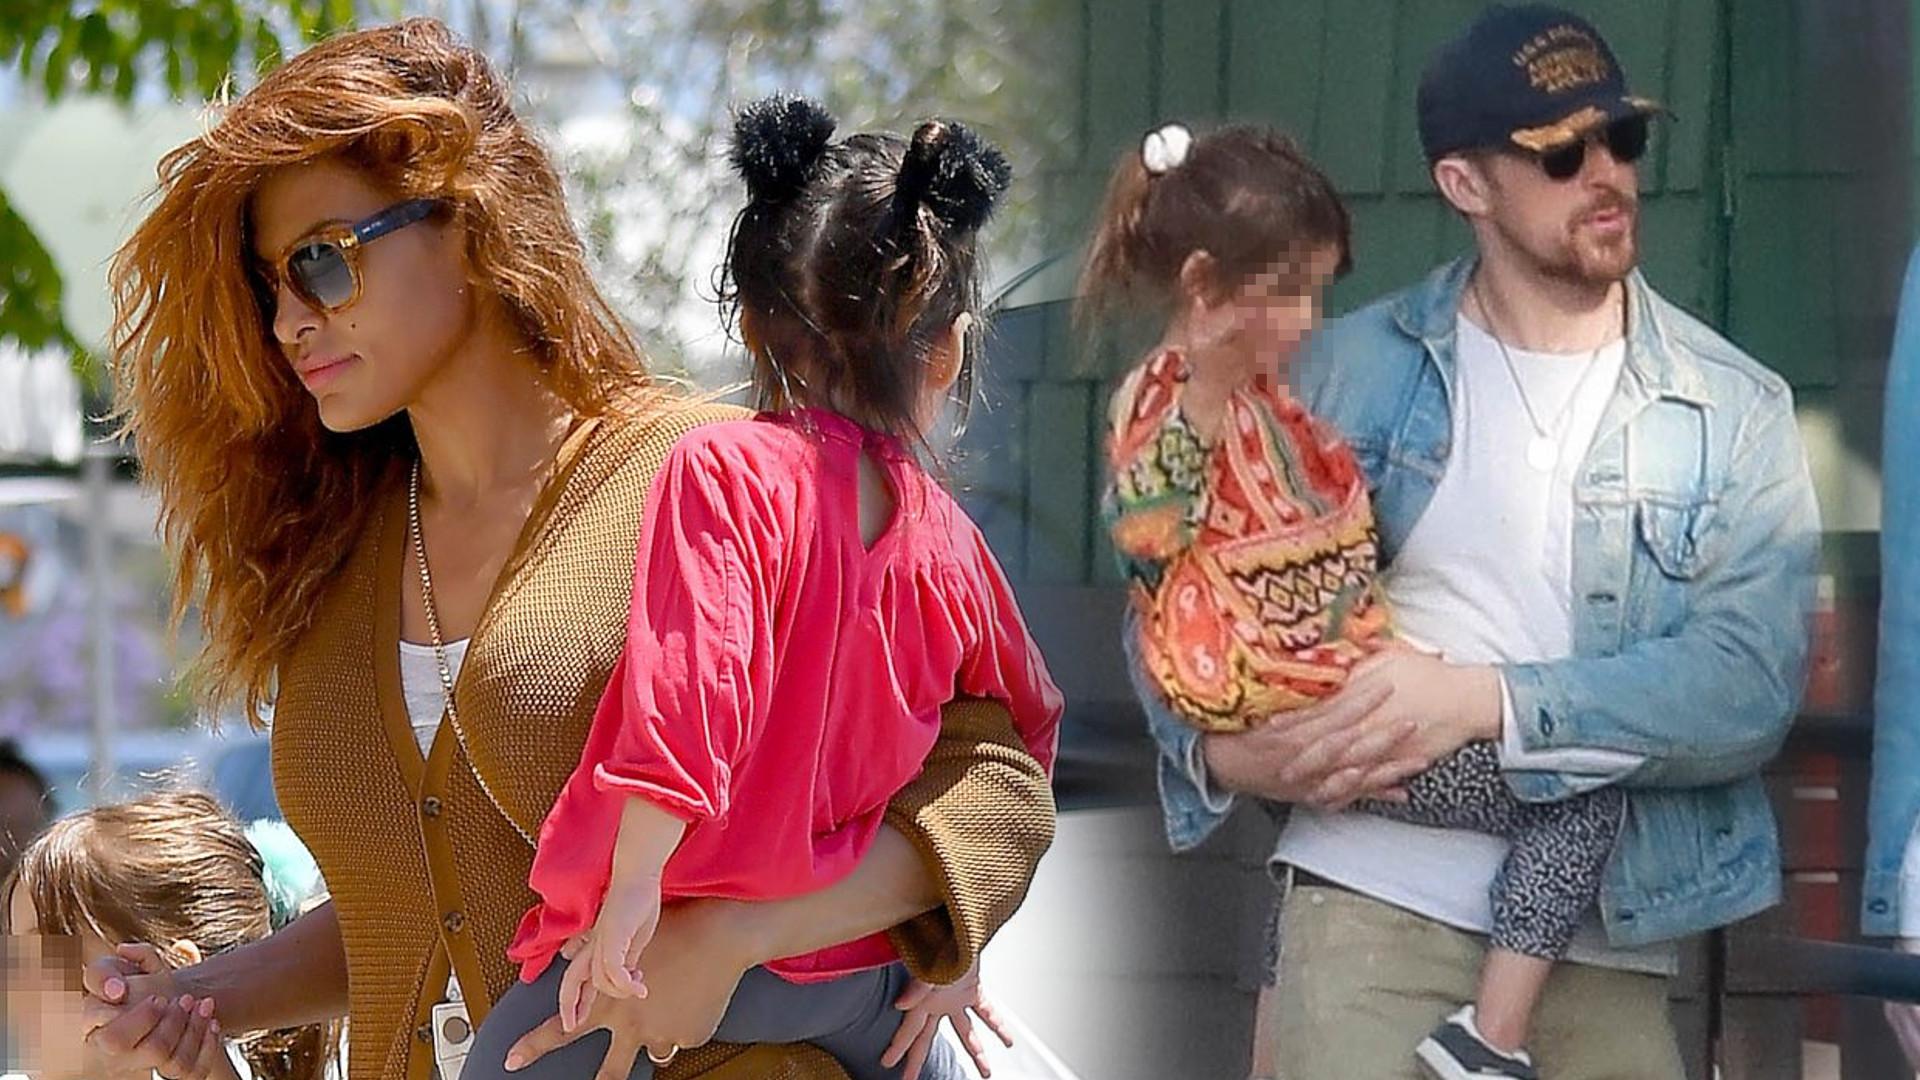 Eva Mendes SZCZERZE o tym, dlaczego razem z Ryanem Goslingiem nie pokazują ŻADNYCH zdjęć swoich dzieci